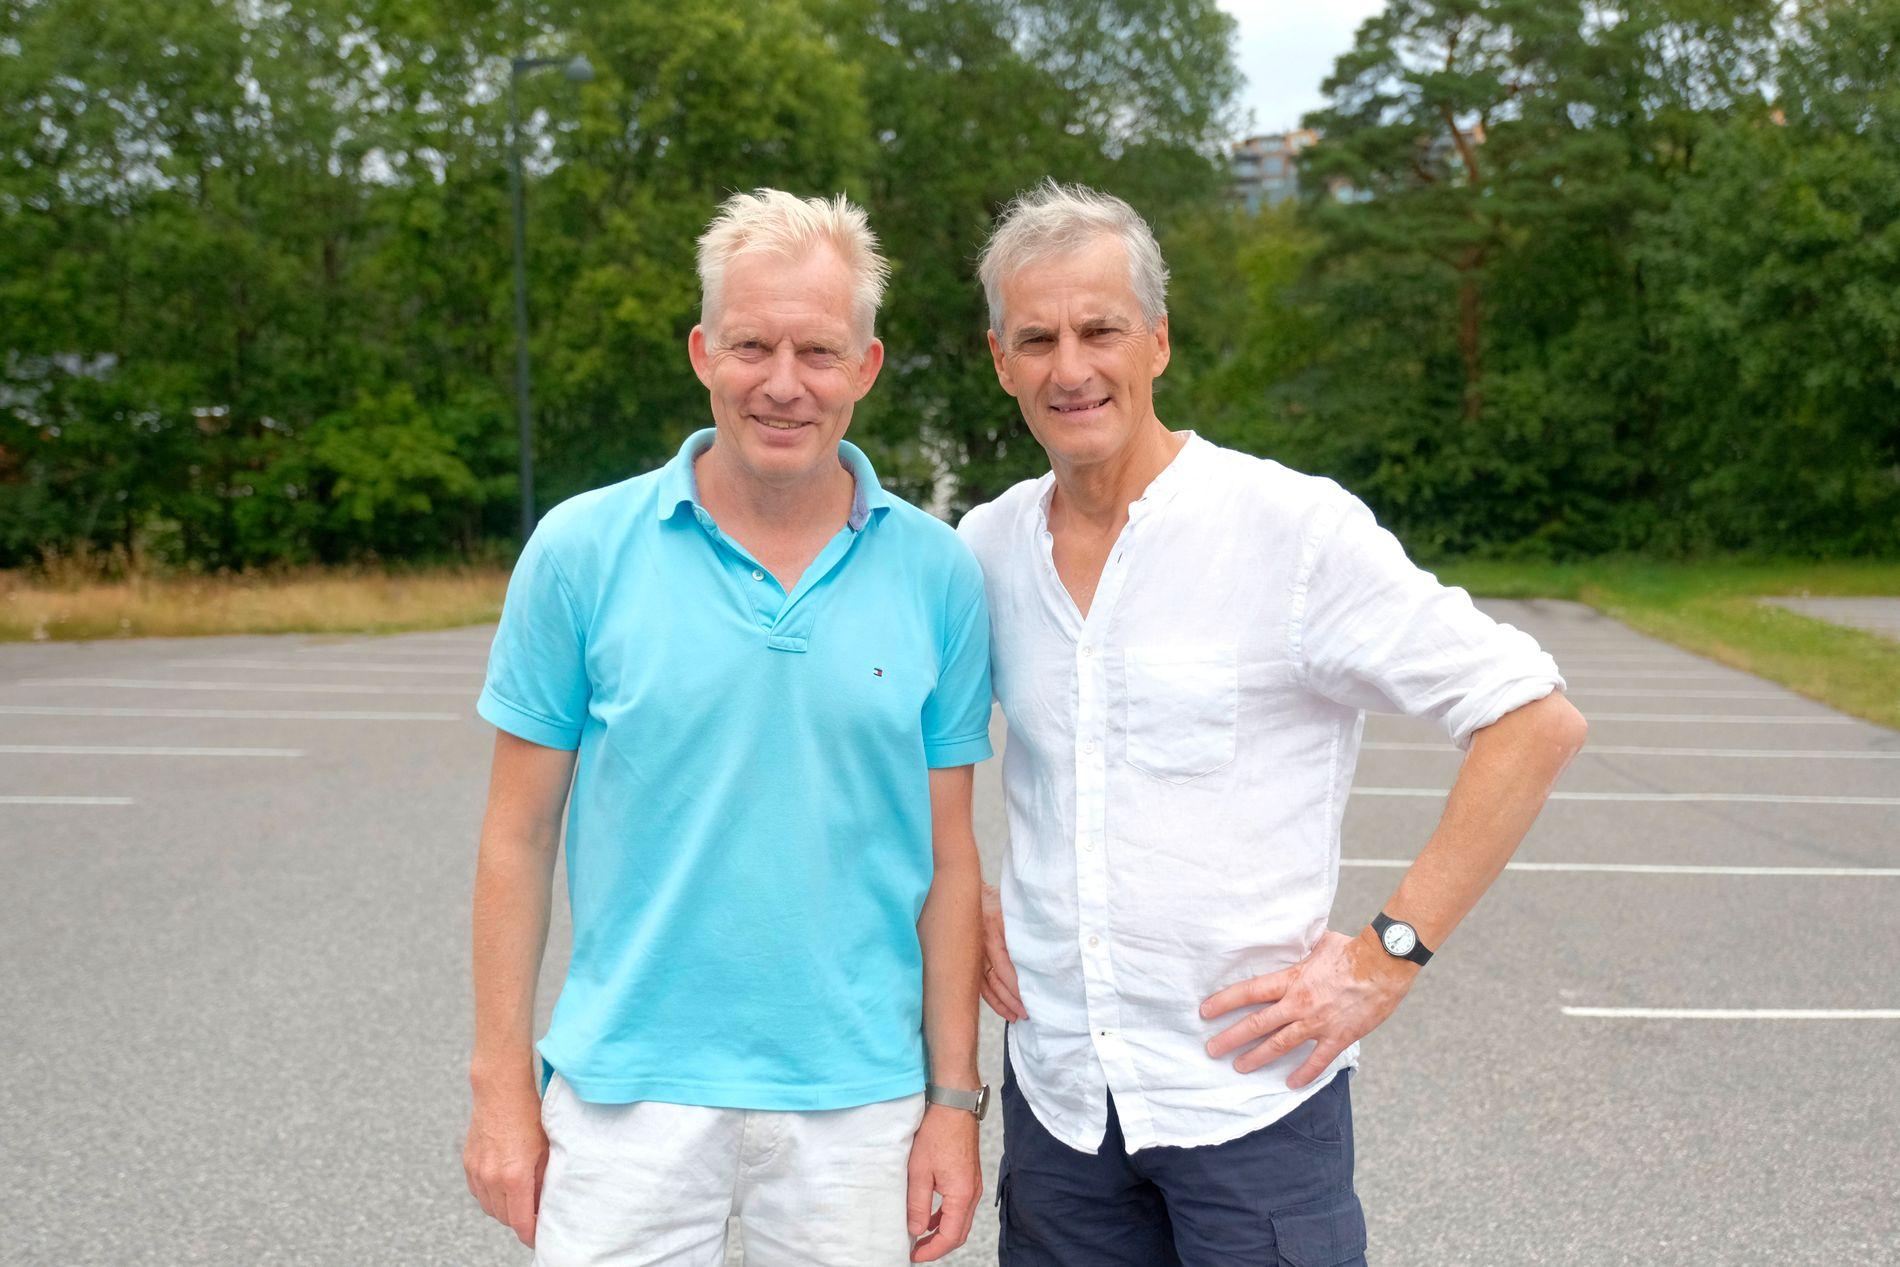 ØYNER HÅP: Aps ordførerkandidat Jan Oddvar Skisland i Kristiansand, her sammen med partileder Jonas Gahr Støre.